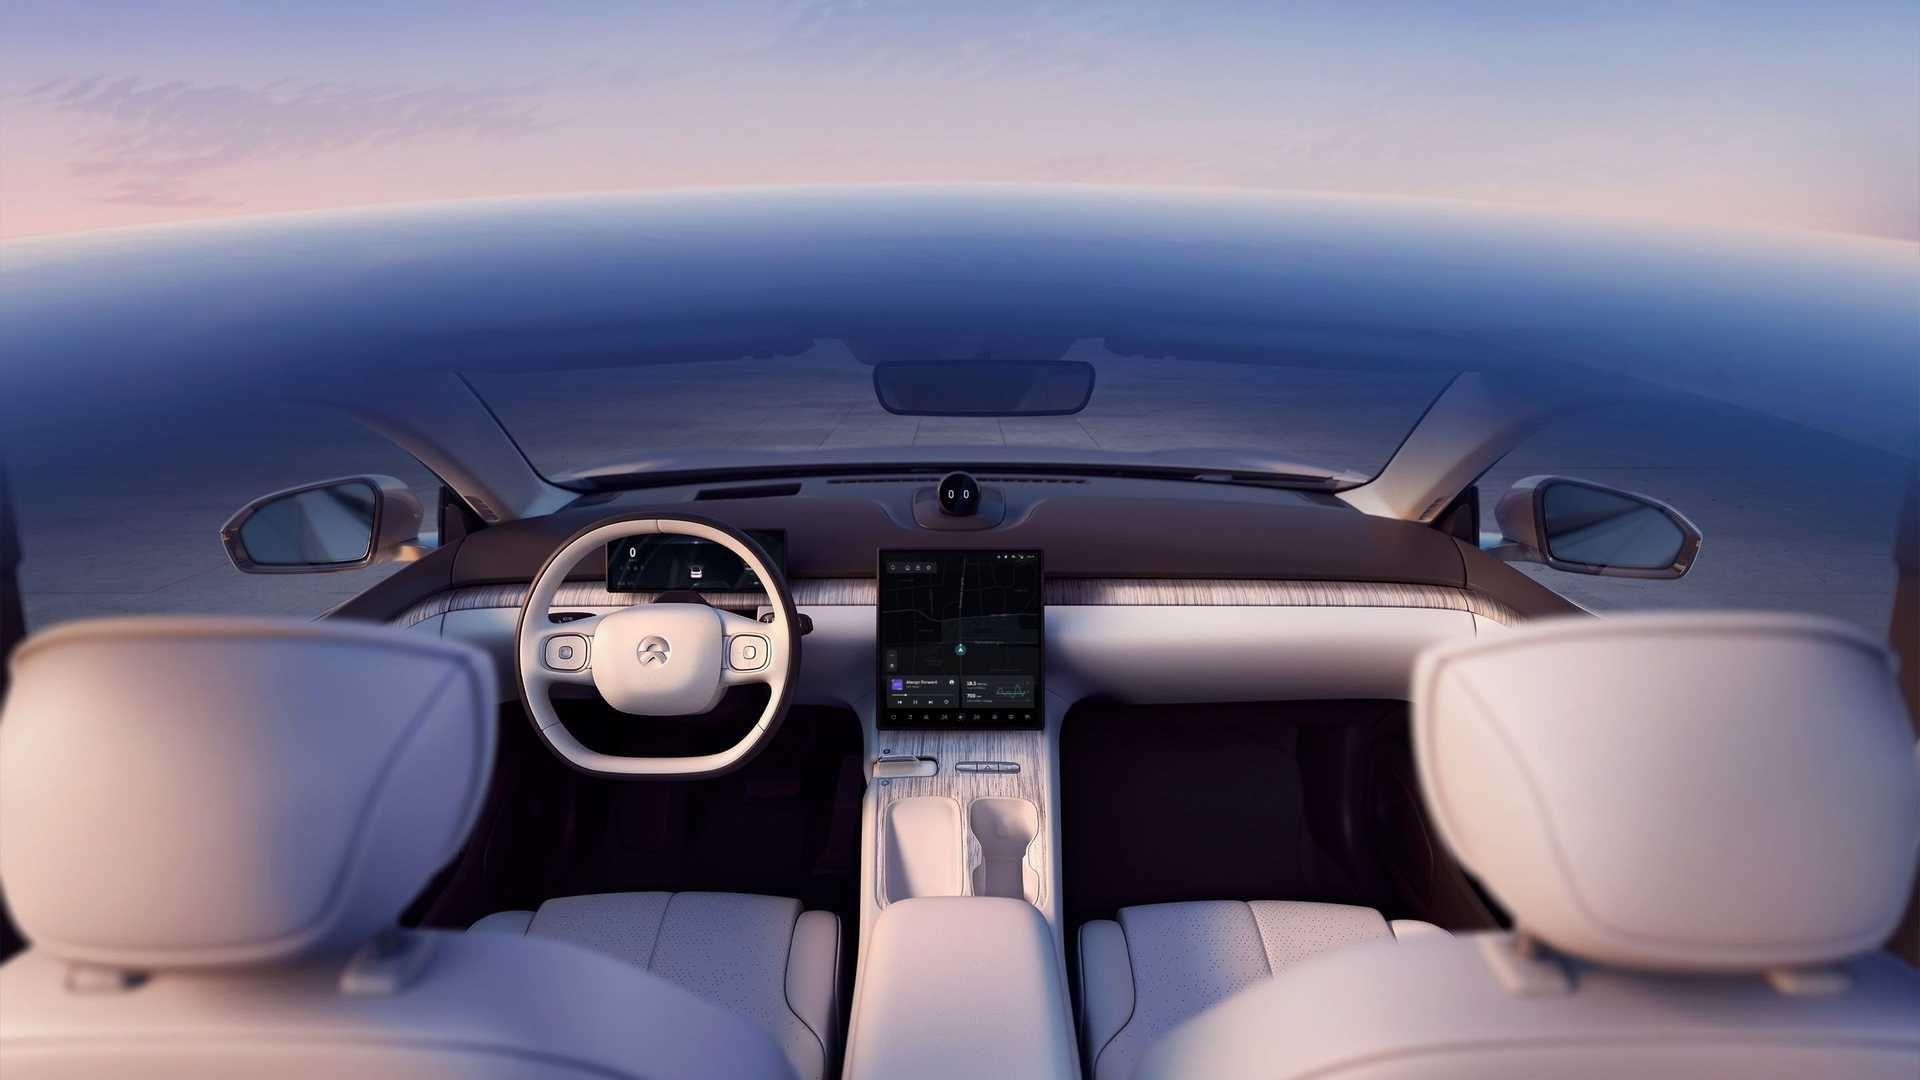 En stor skjerm i midtkonsollen preger naturligvis kabinen. Ventilasjonsdysene er «usynlige».